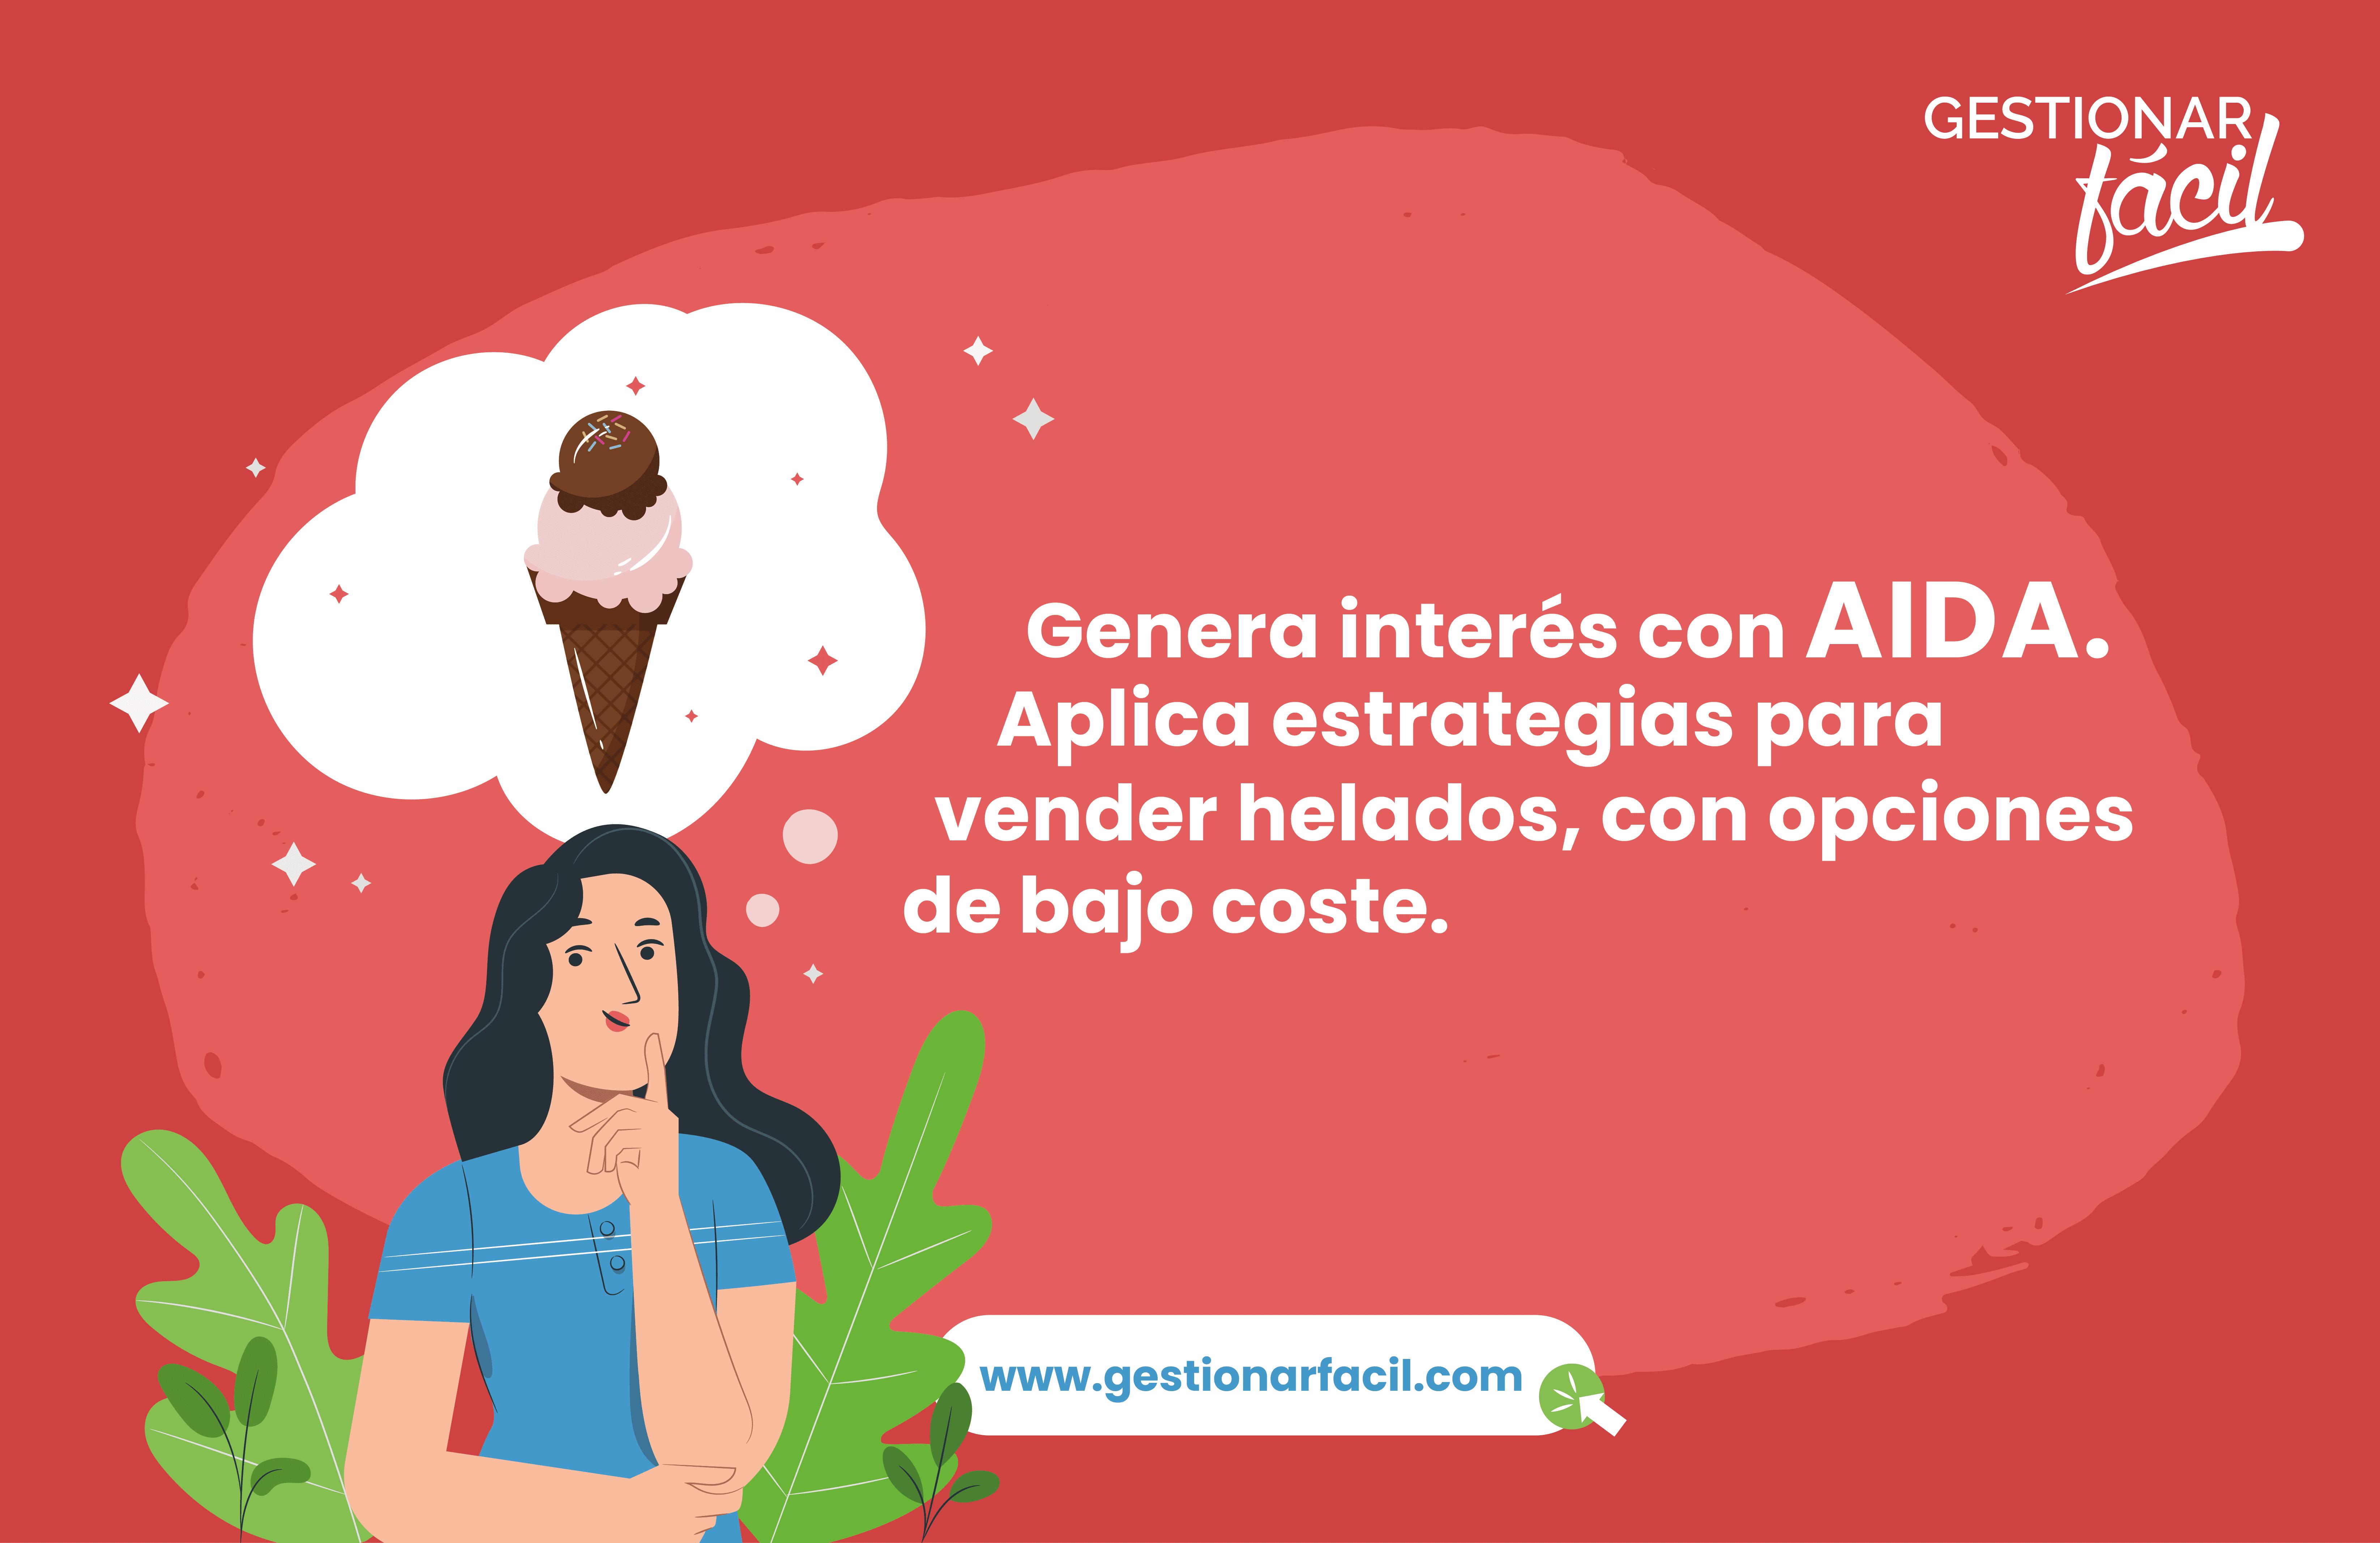 Genera interés con AIDA. Aplica estrategias para vender helados, con opciones de bajo coste.